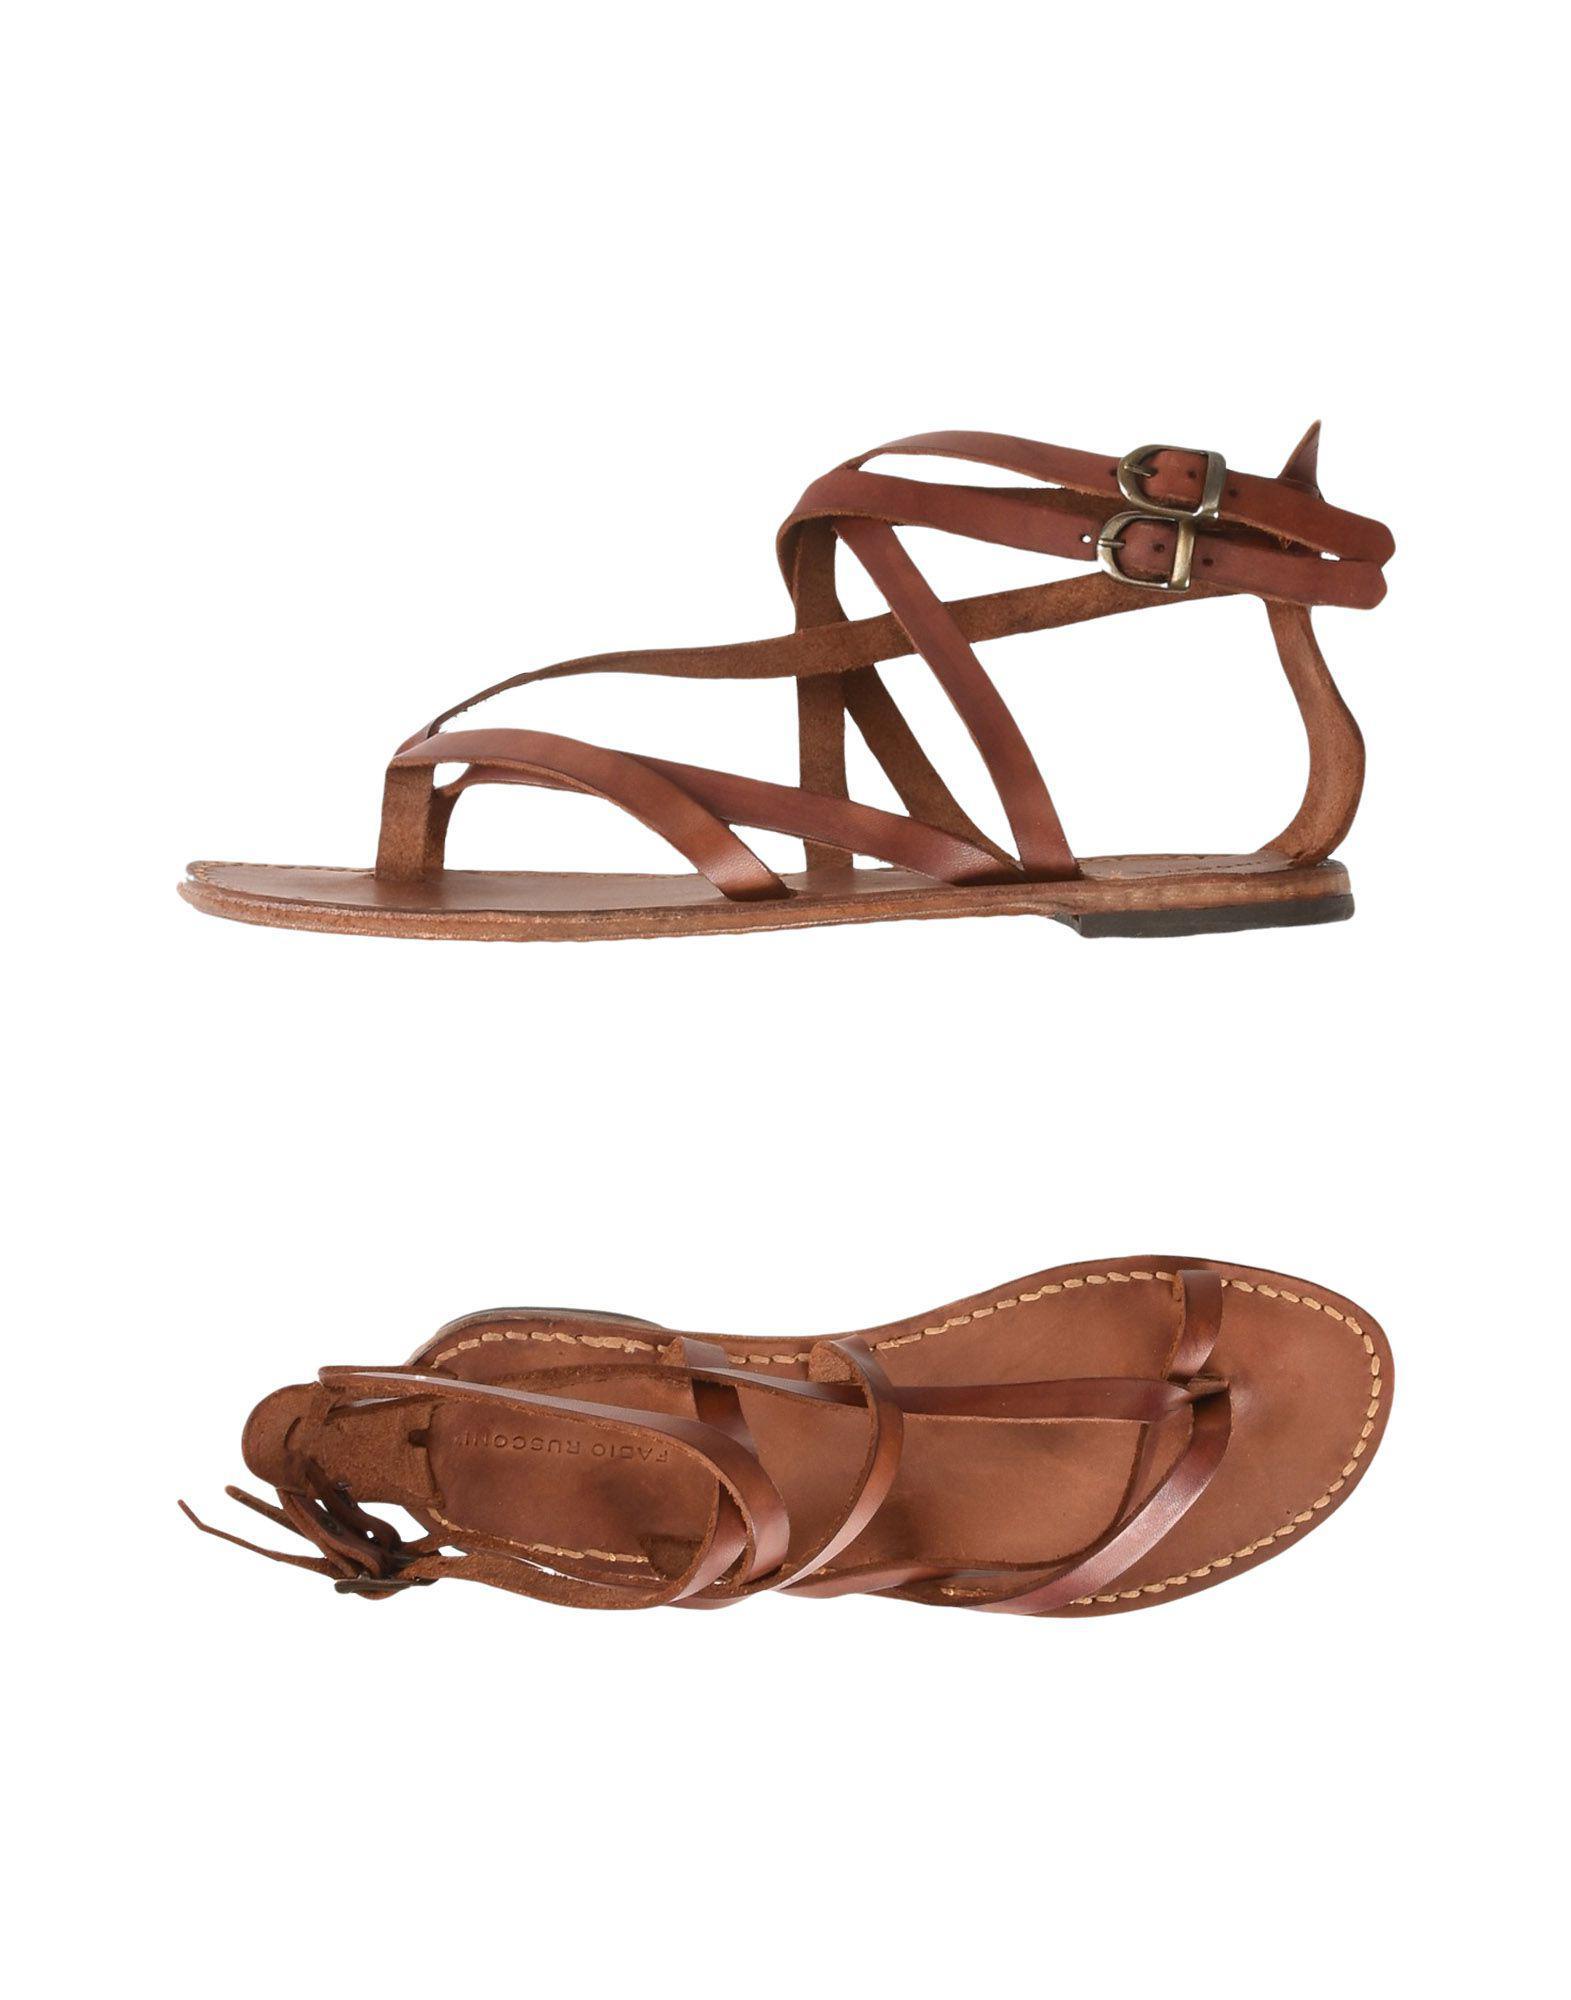 FOOTWEAR - Toe post sandals Fabio Rusconi gm25oBvv5T